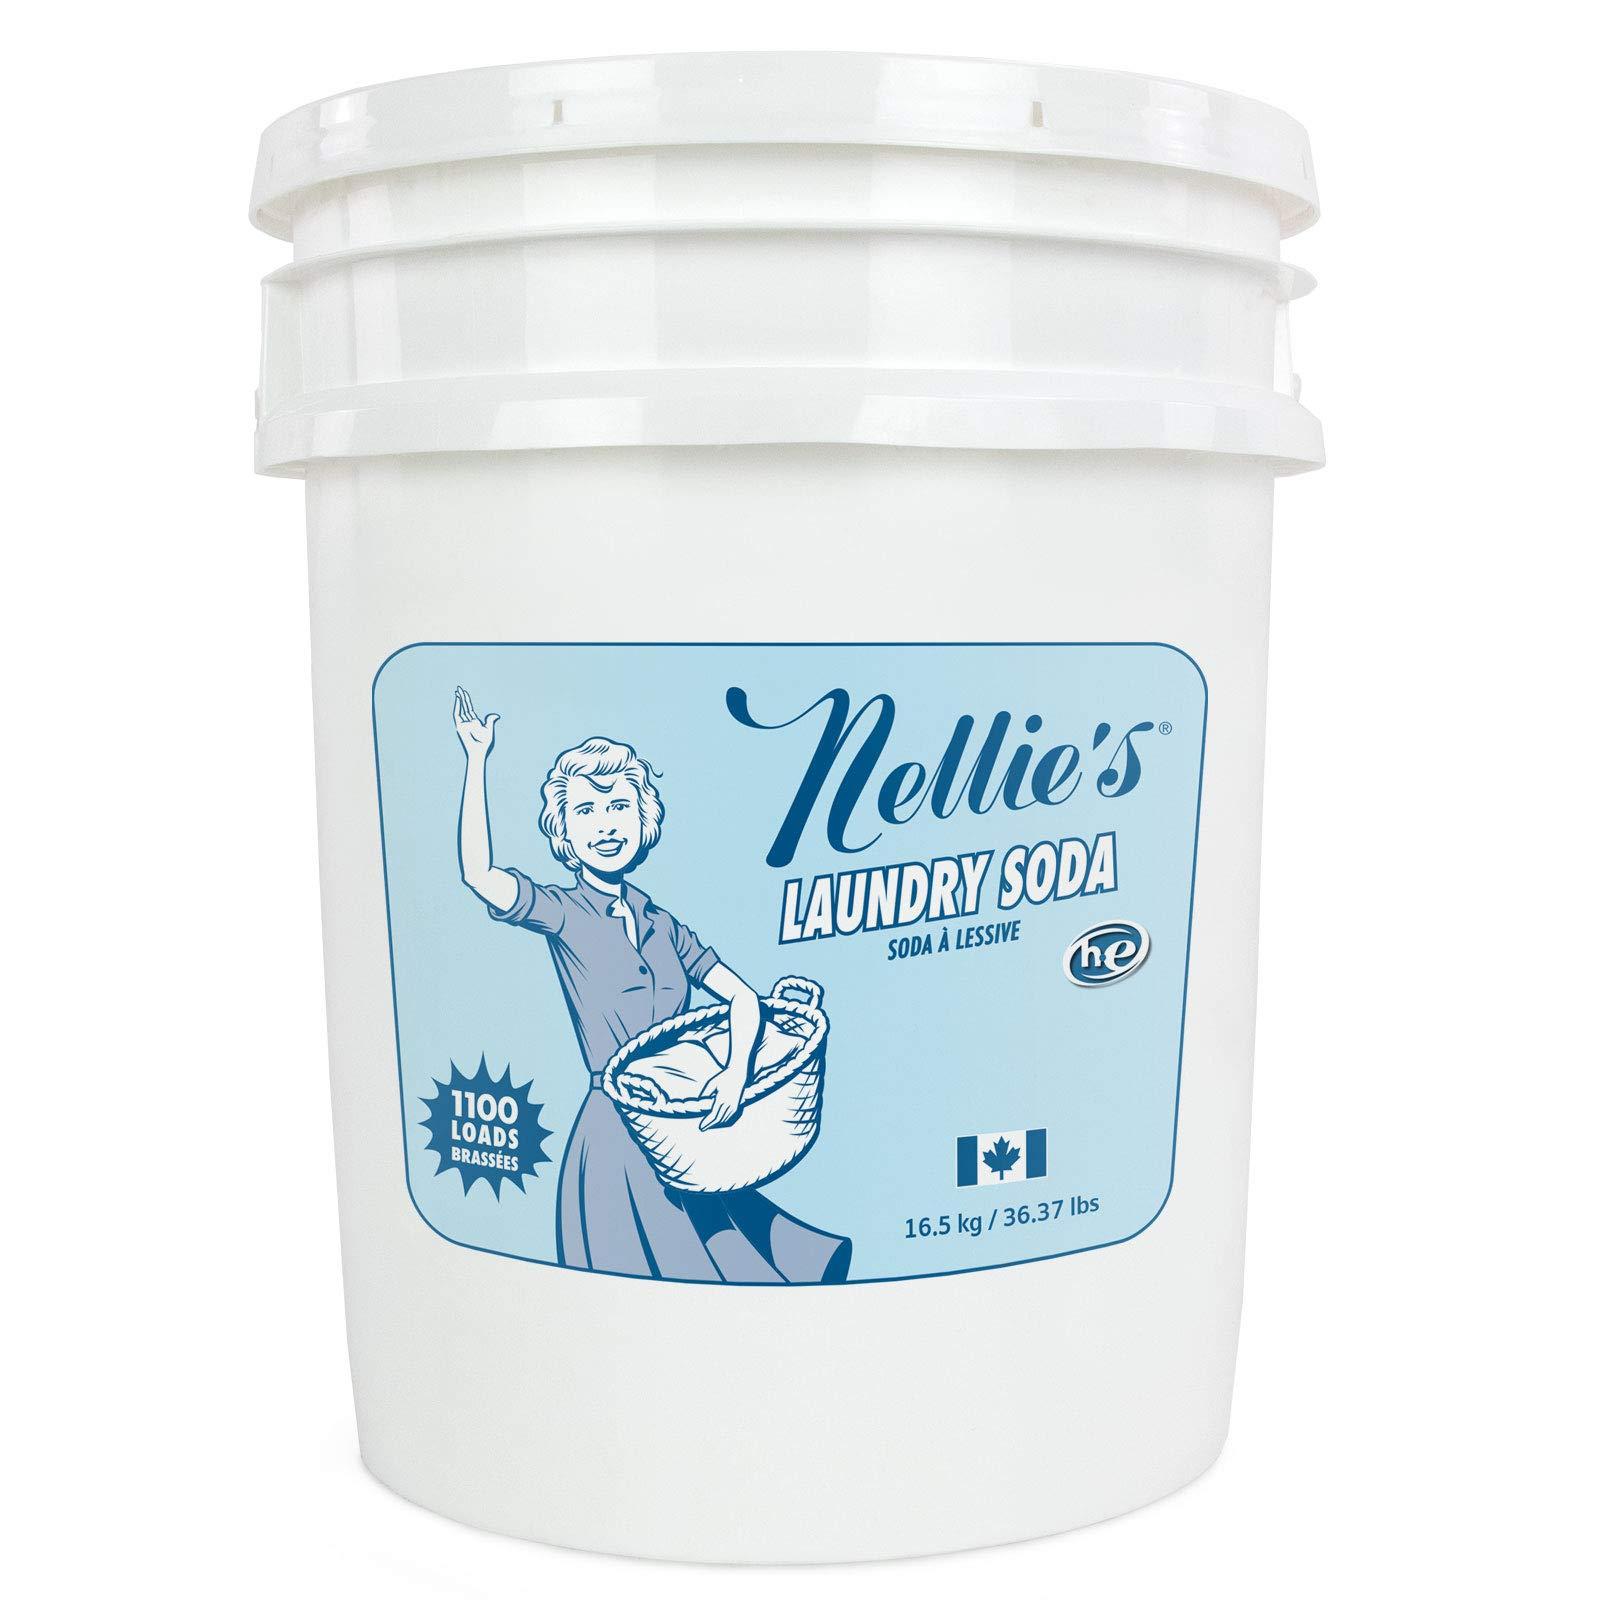 Nellie's Laundry Soda - 1100 Load Laundry Bucket